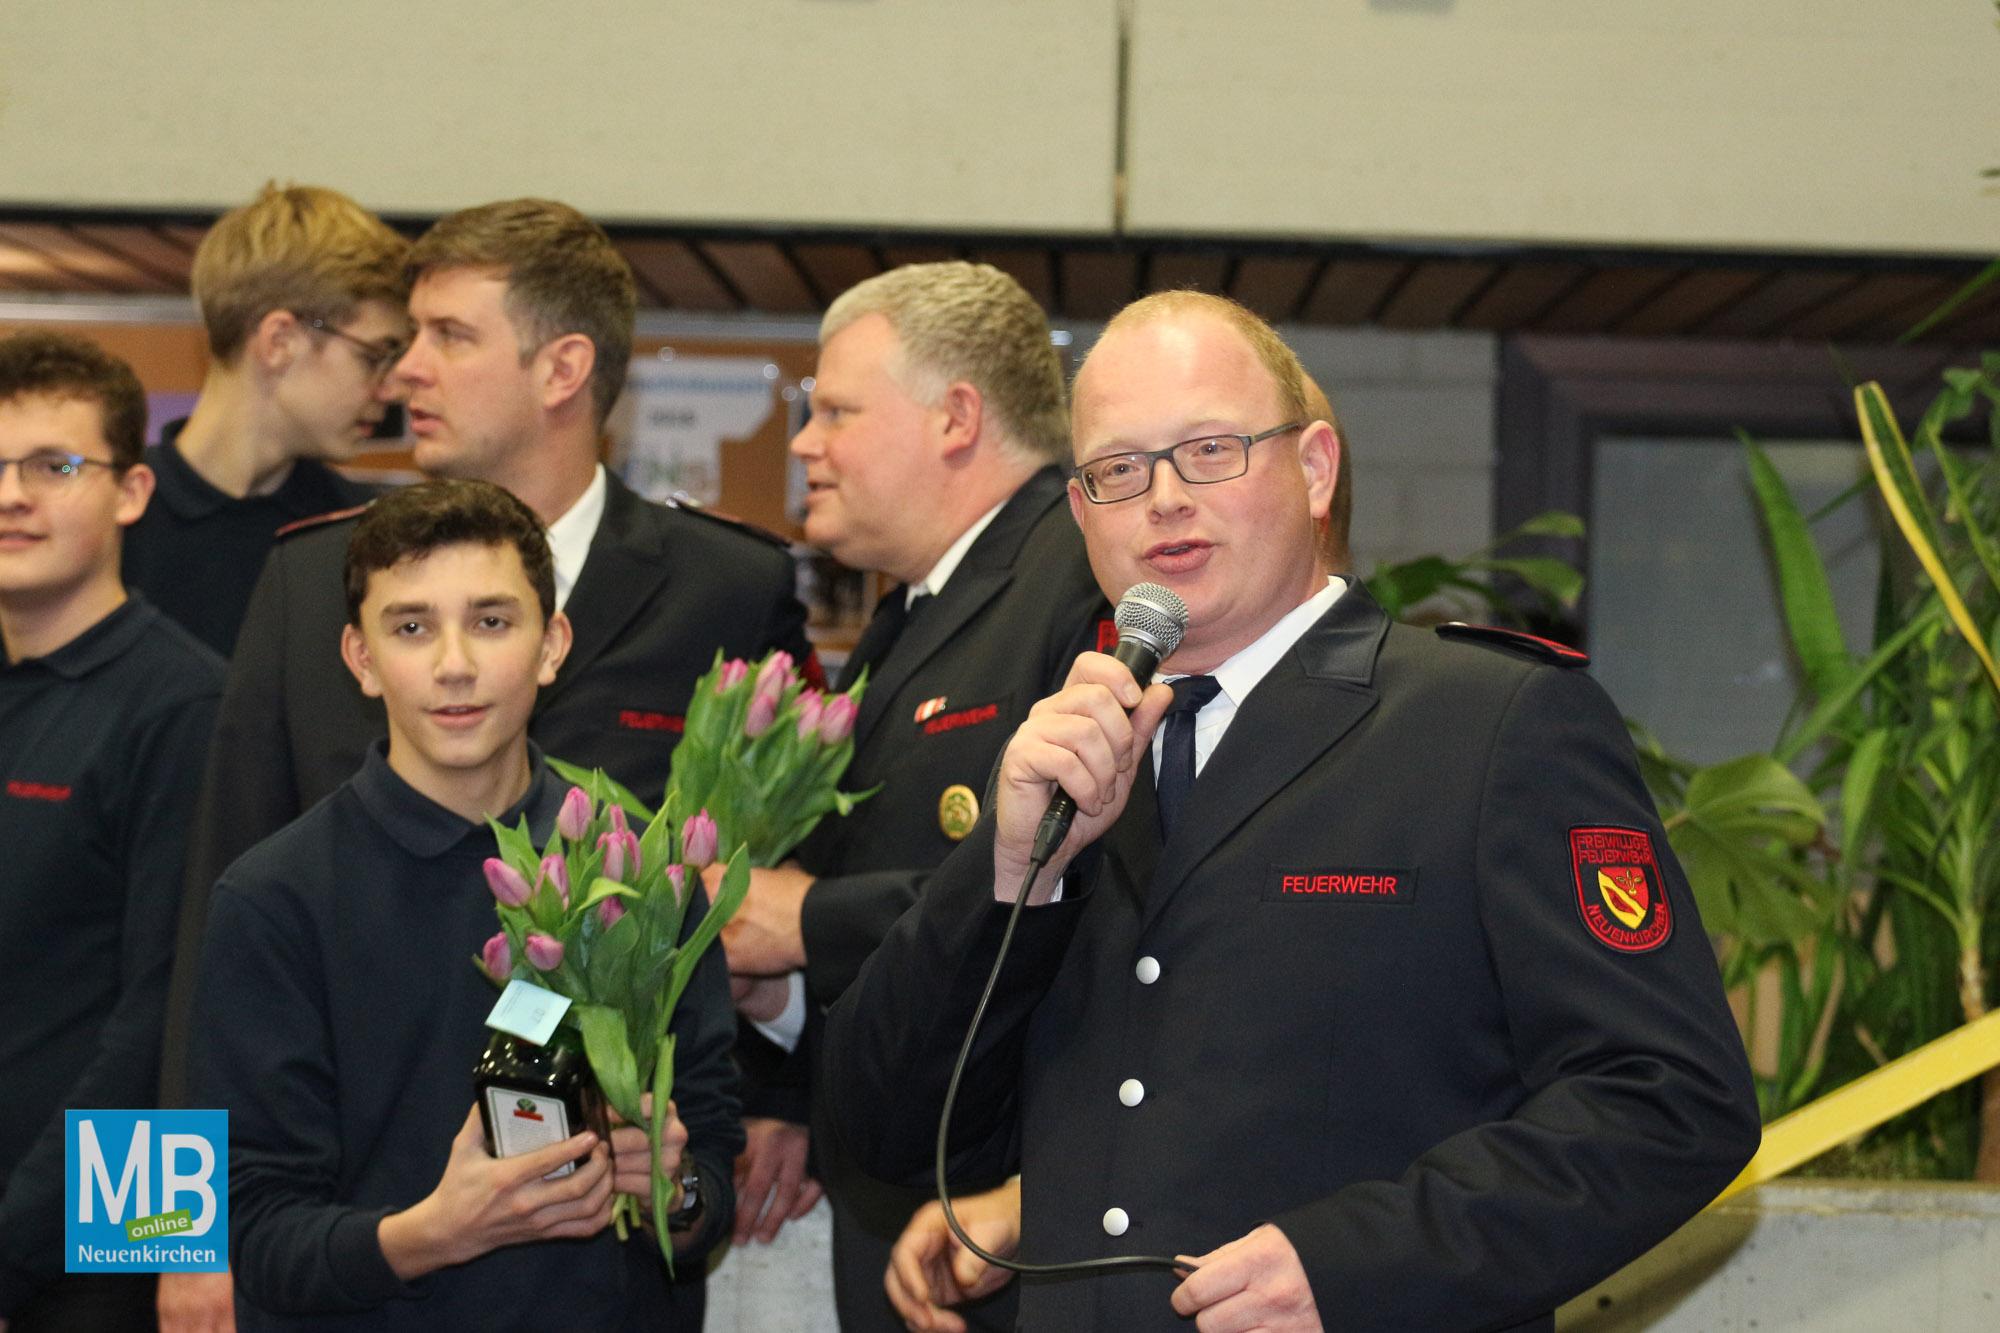 Das diesjährige Winterfest der Feuerwehr lockte viele Gäste in die Aula der Emmy-Noether-Schule. | Foto:  Heuermann